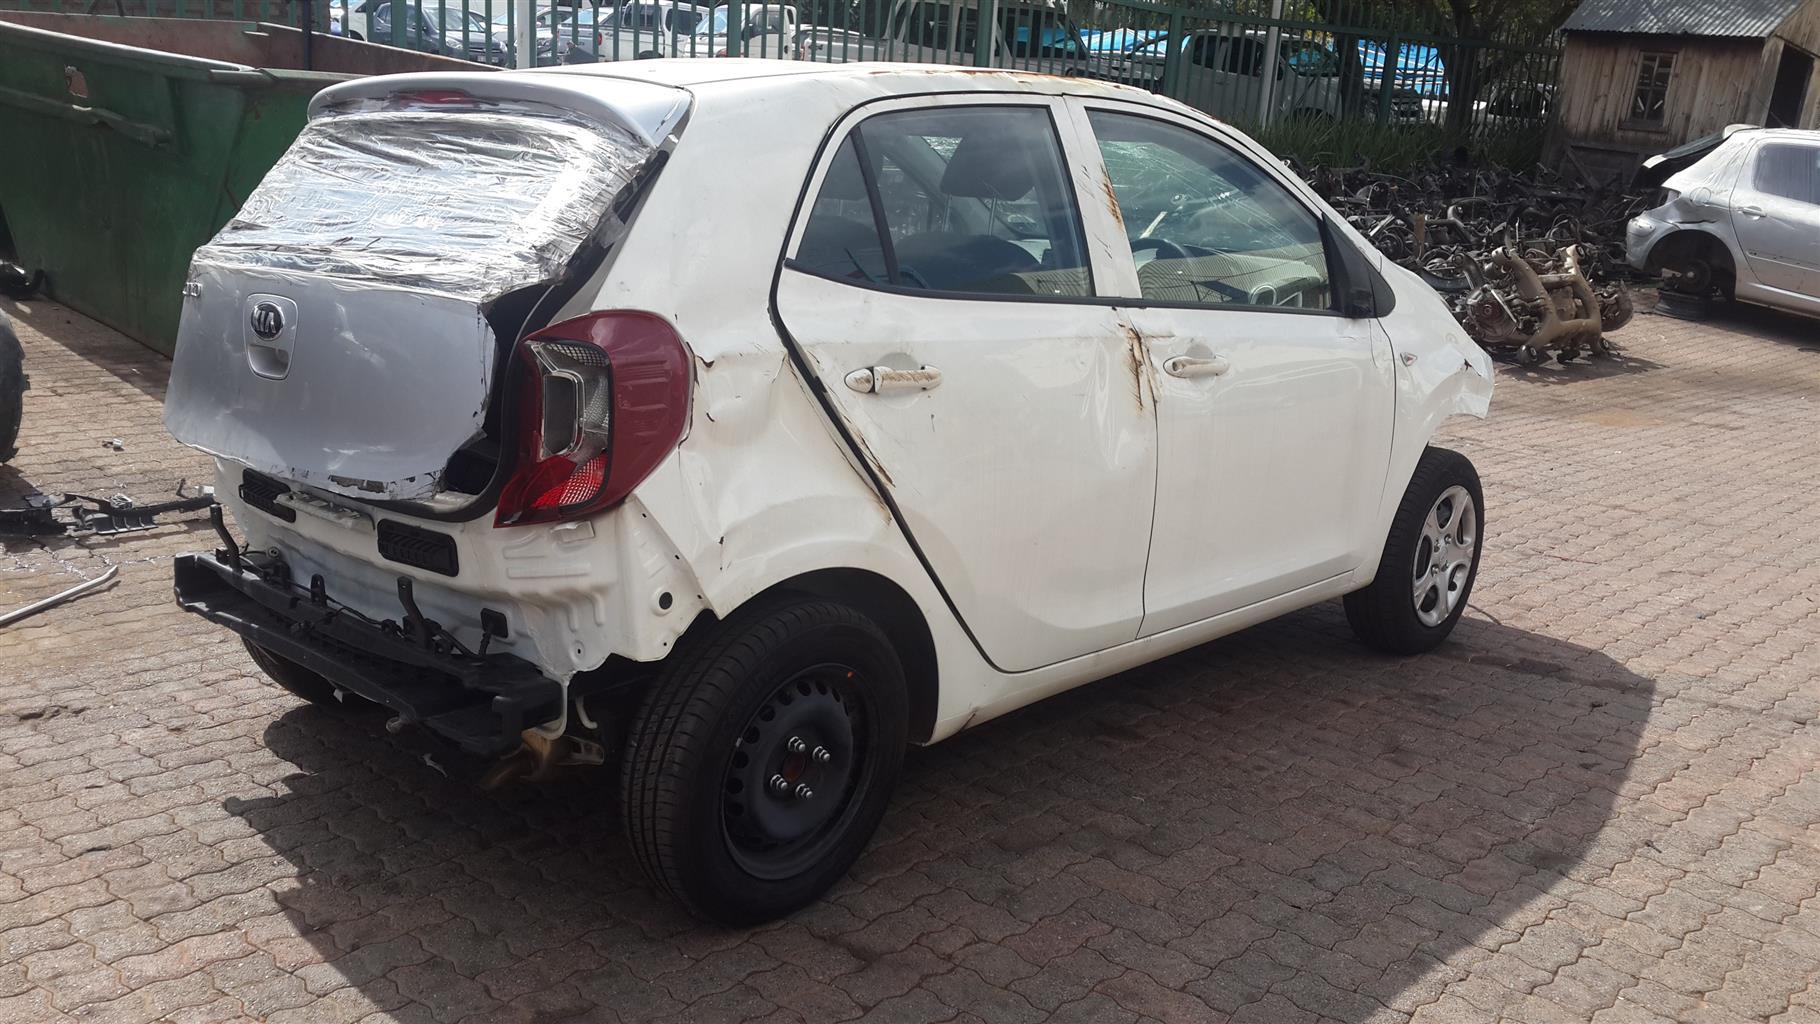 Kia Picanto Parts For Sale